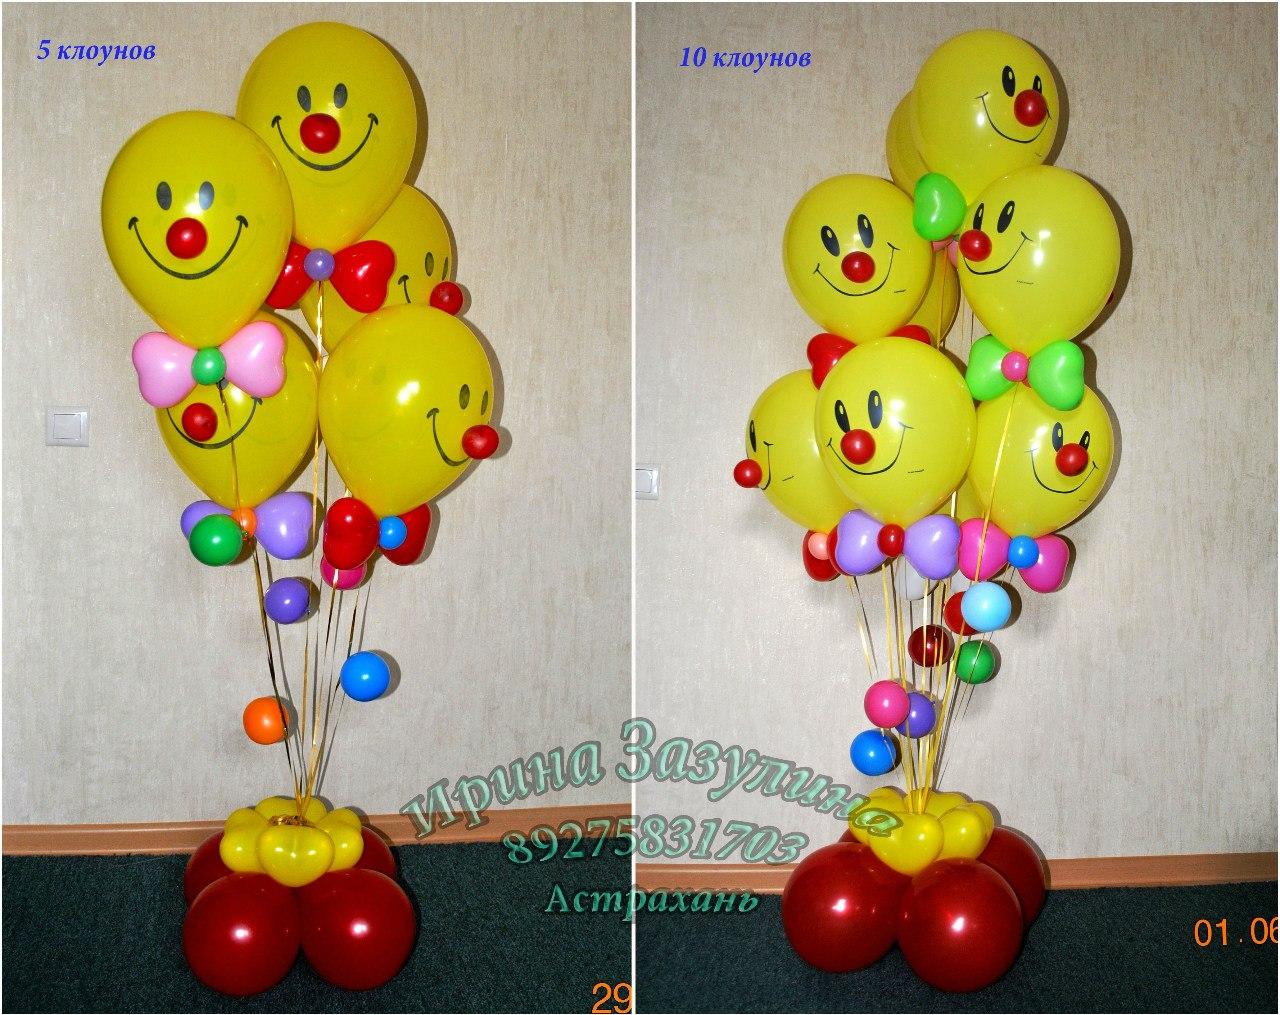 Стойки из шаров сделанные своими руками